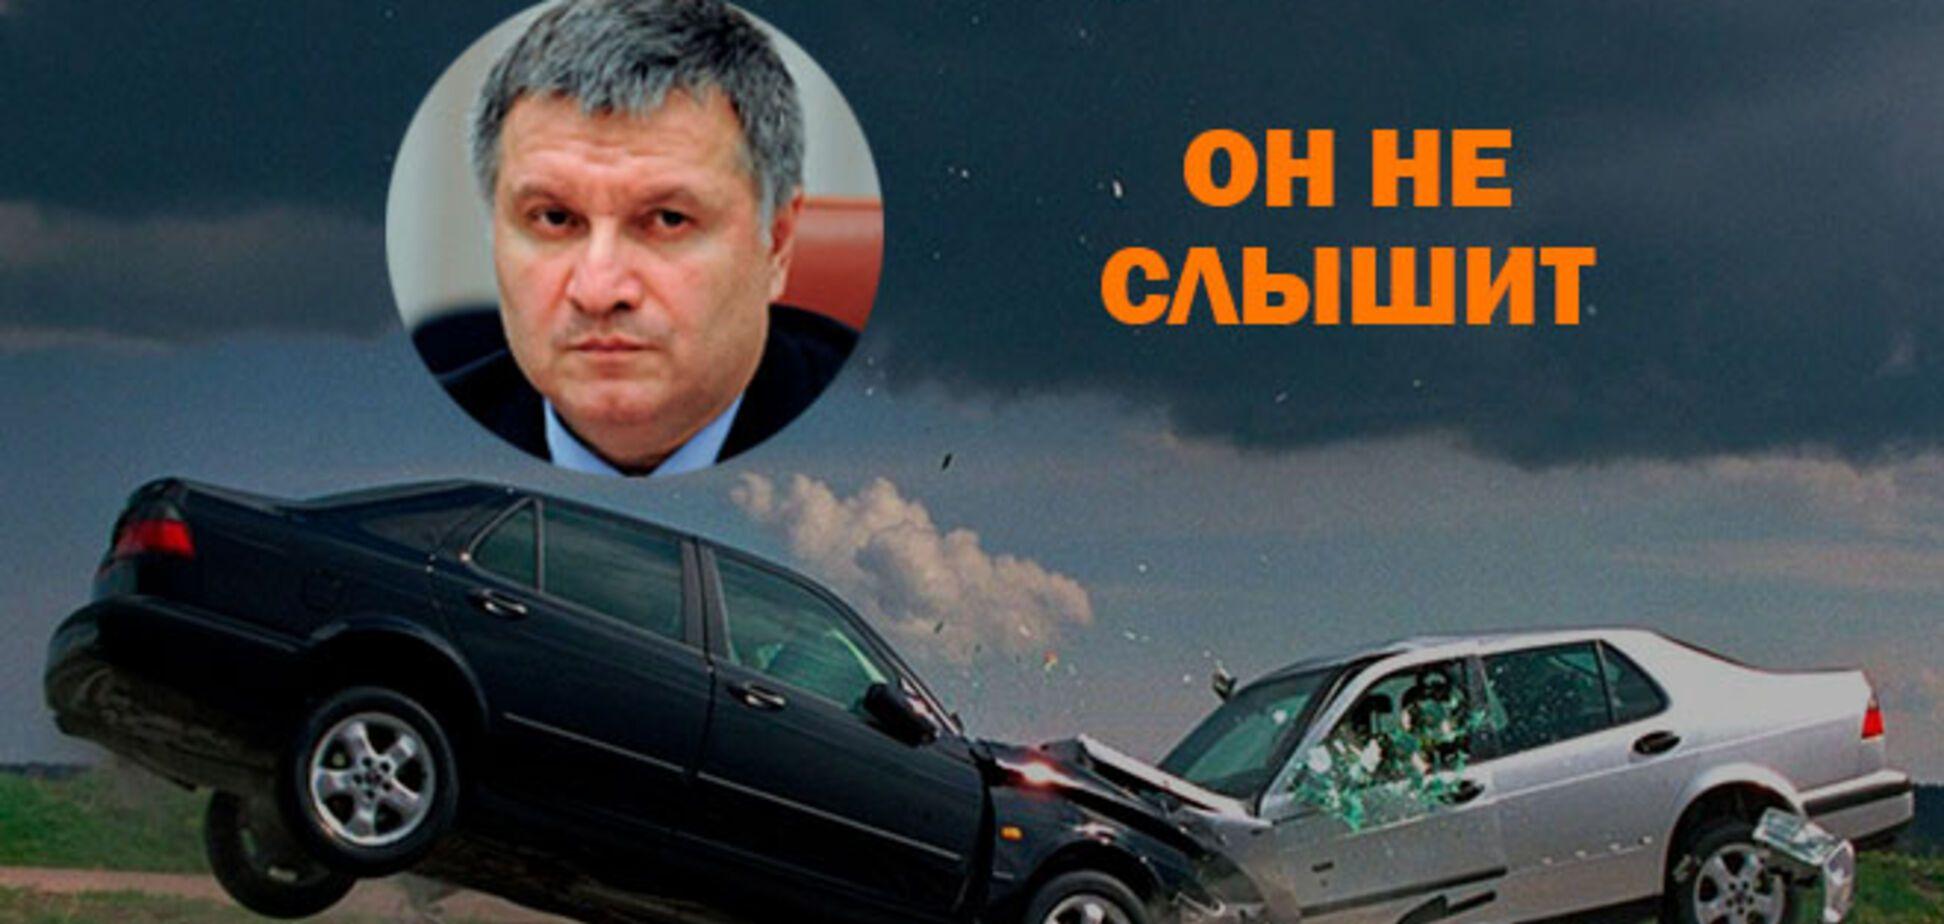 Дружина загинула, чоловік затриманий: поліція розслідує жахливе ДТП на Житомирщині